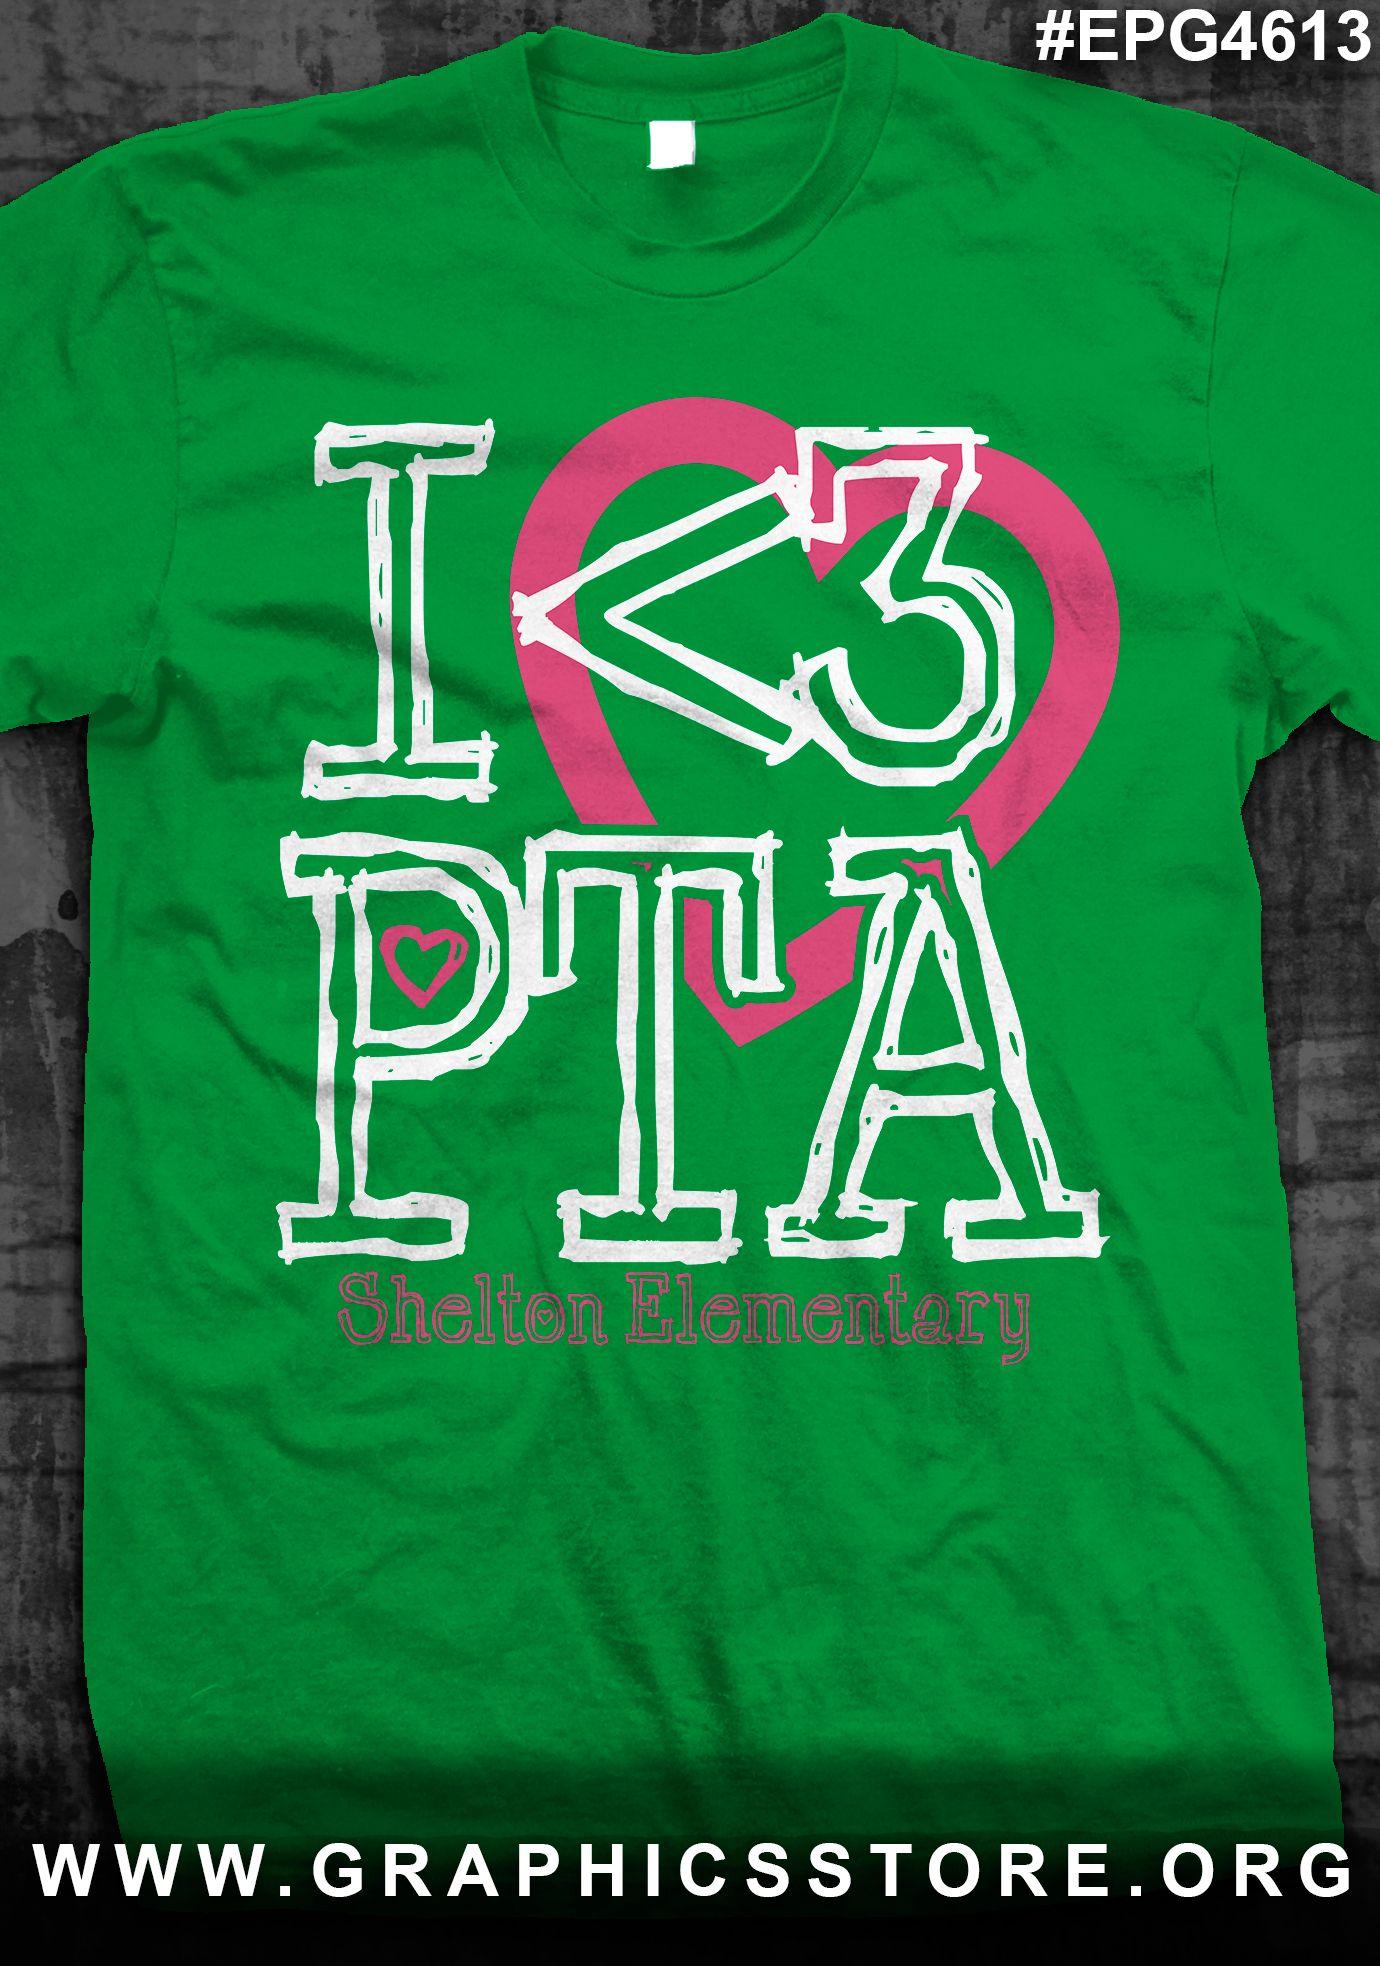 T shirt design ideas for schools - Epg4613 I Love Pta T Shirt Design